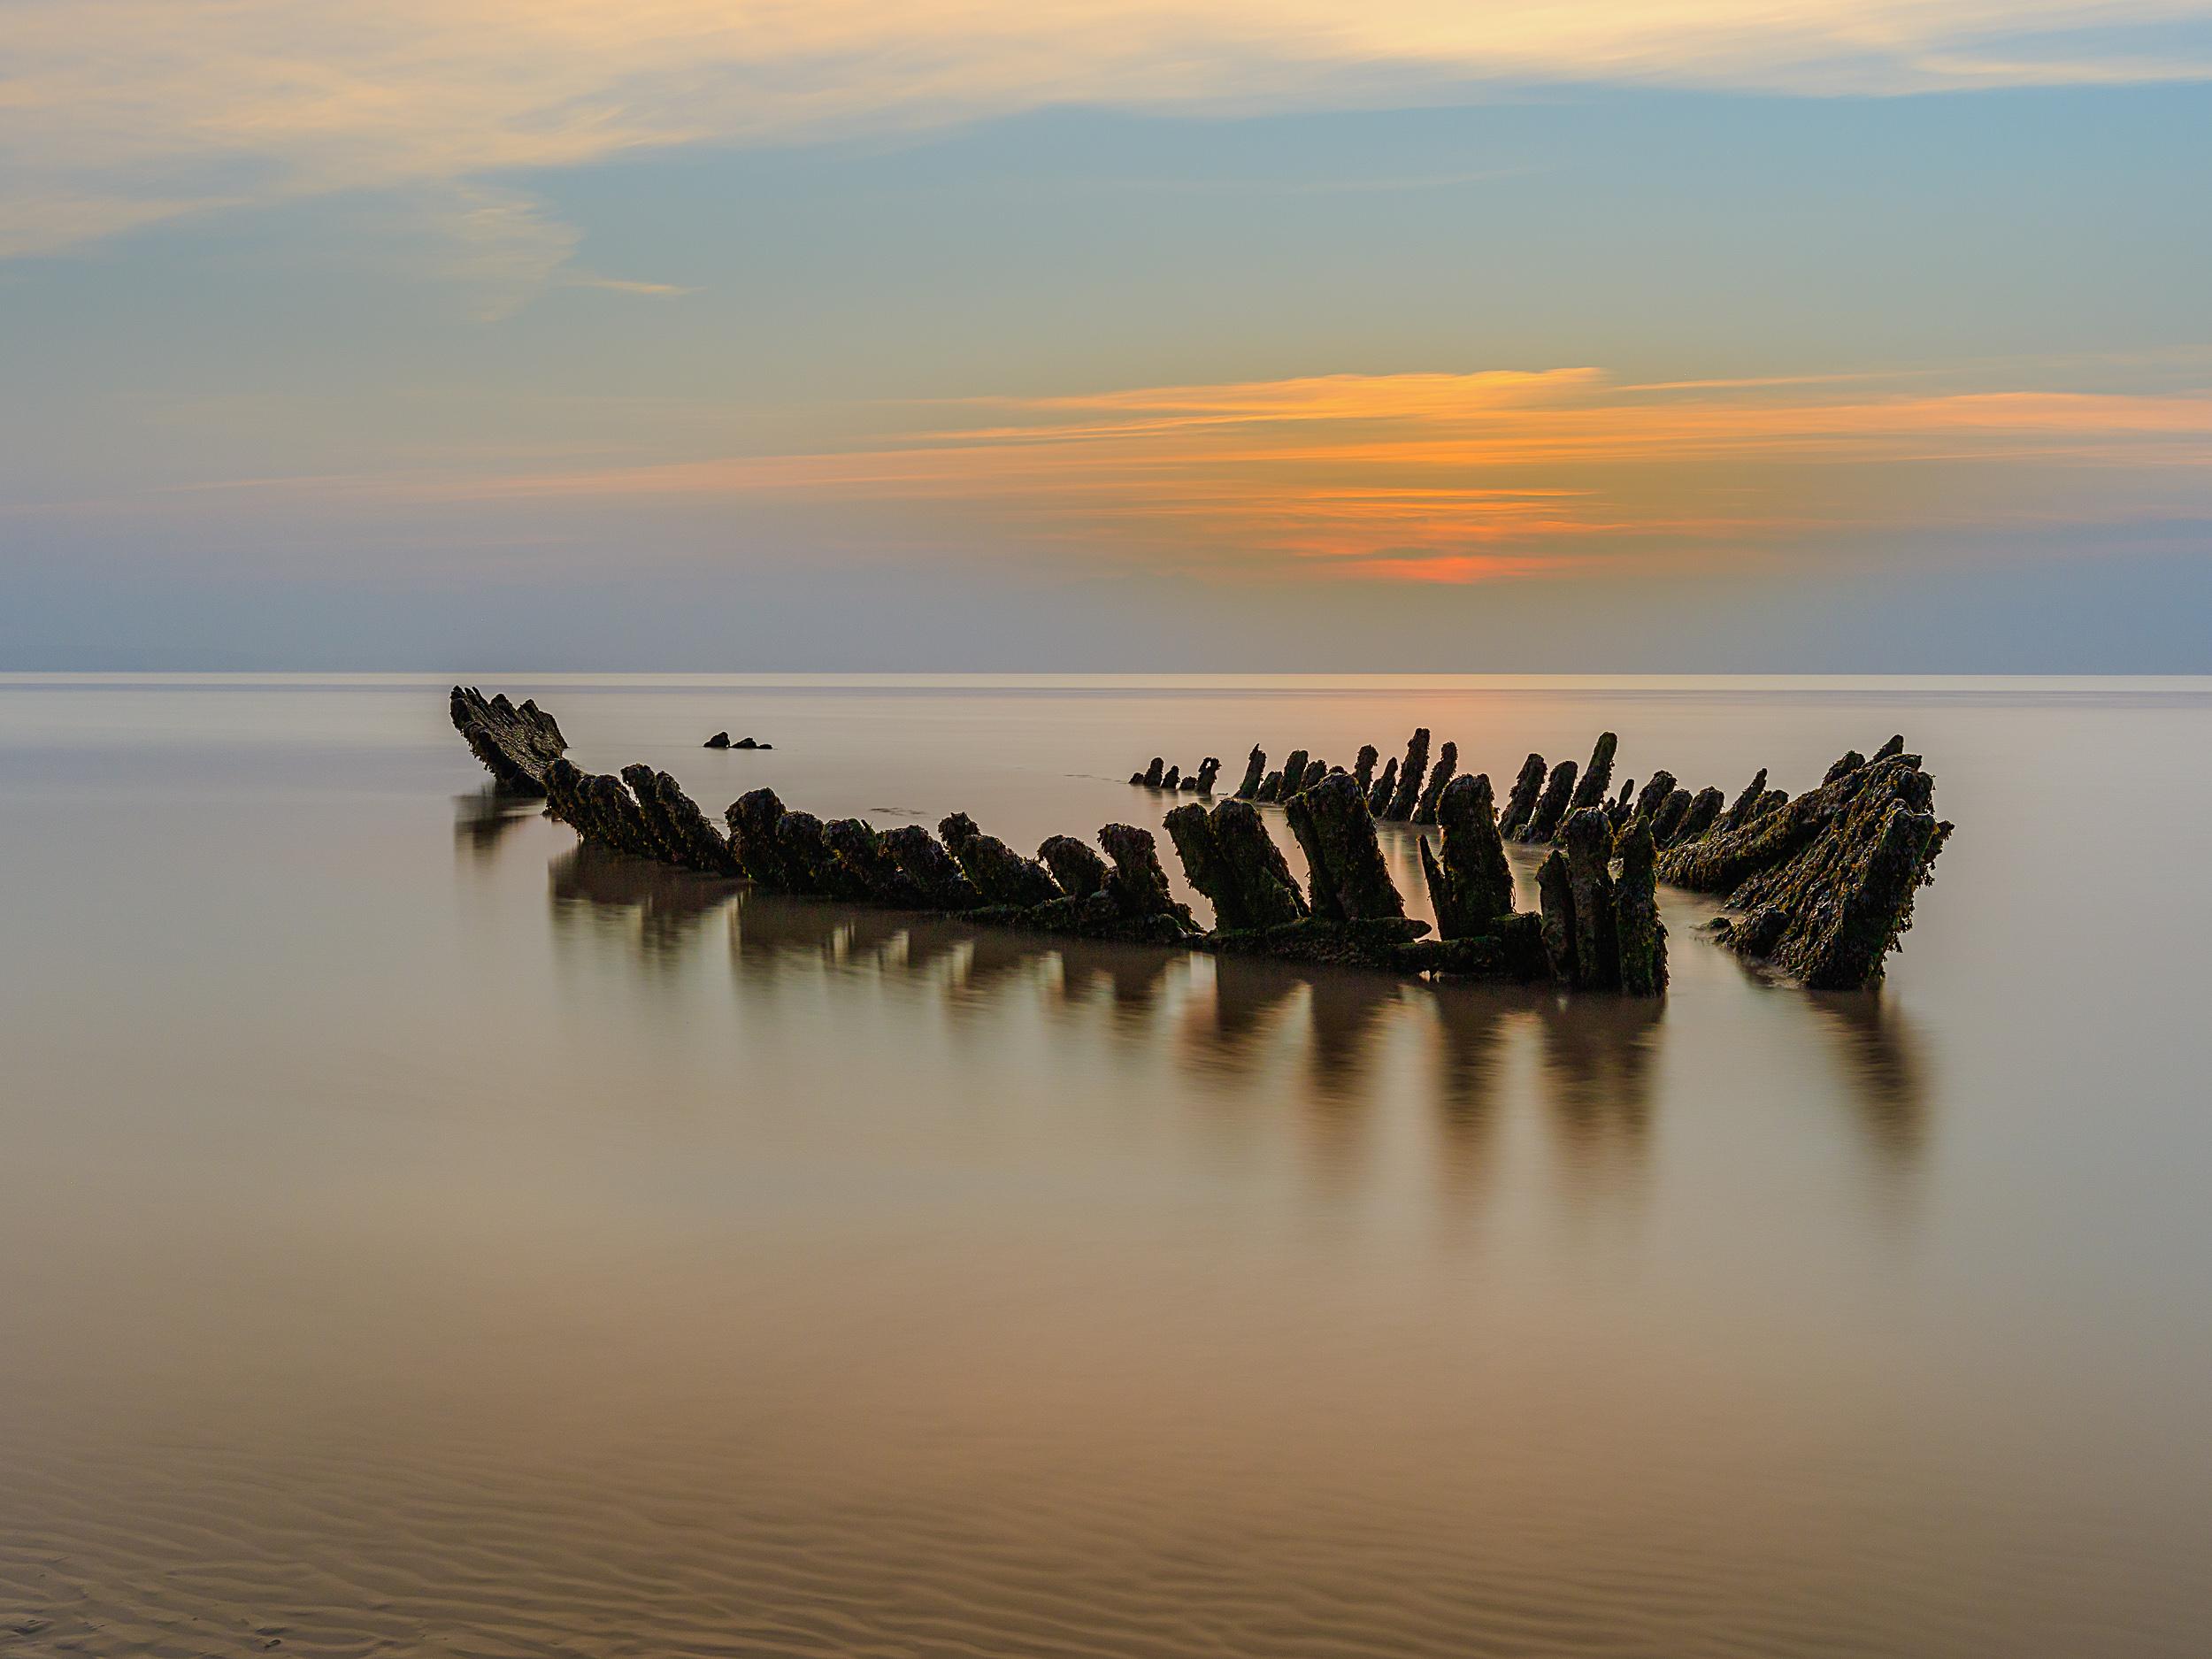 SS Nornen Sunset, Berrow beach